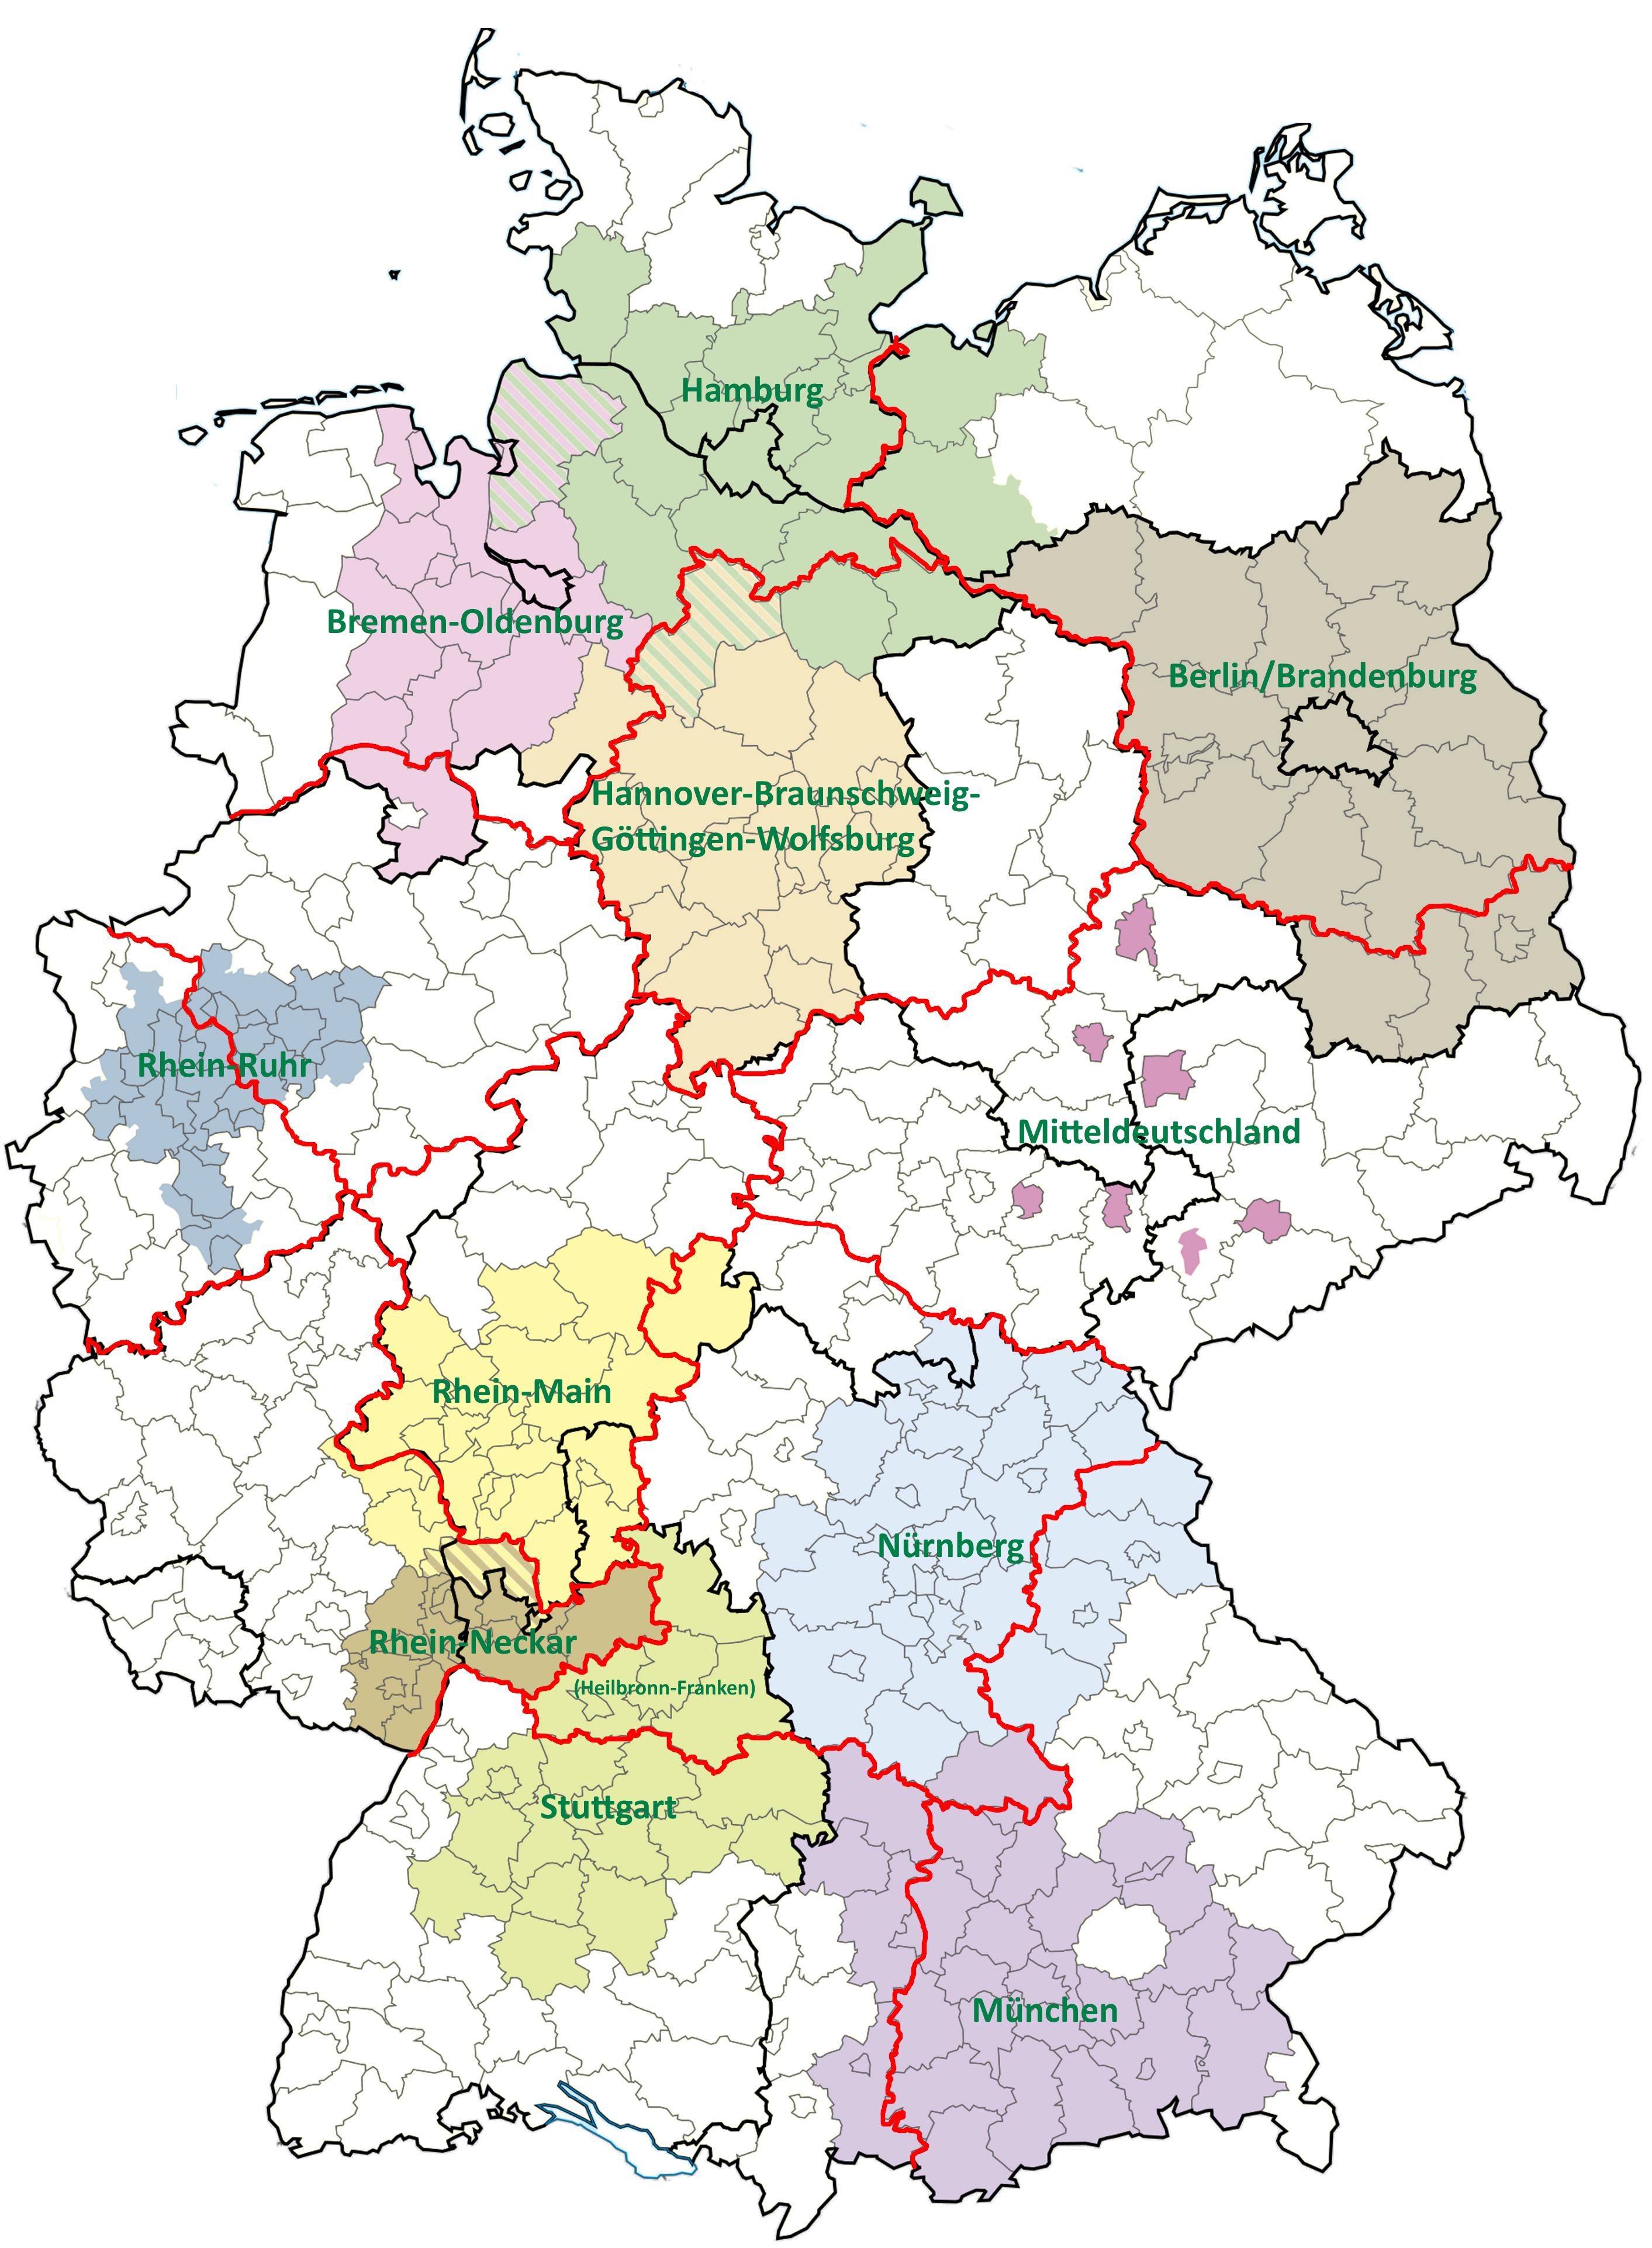 Metropolregionen